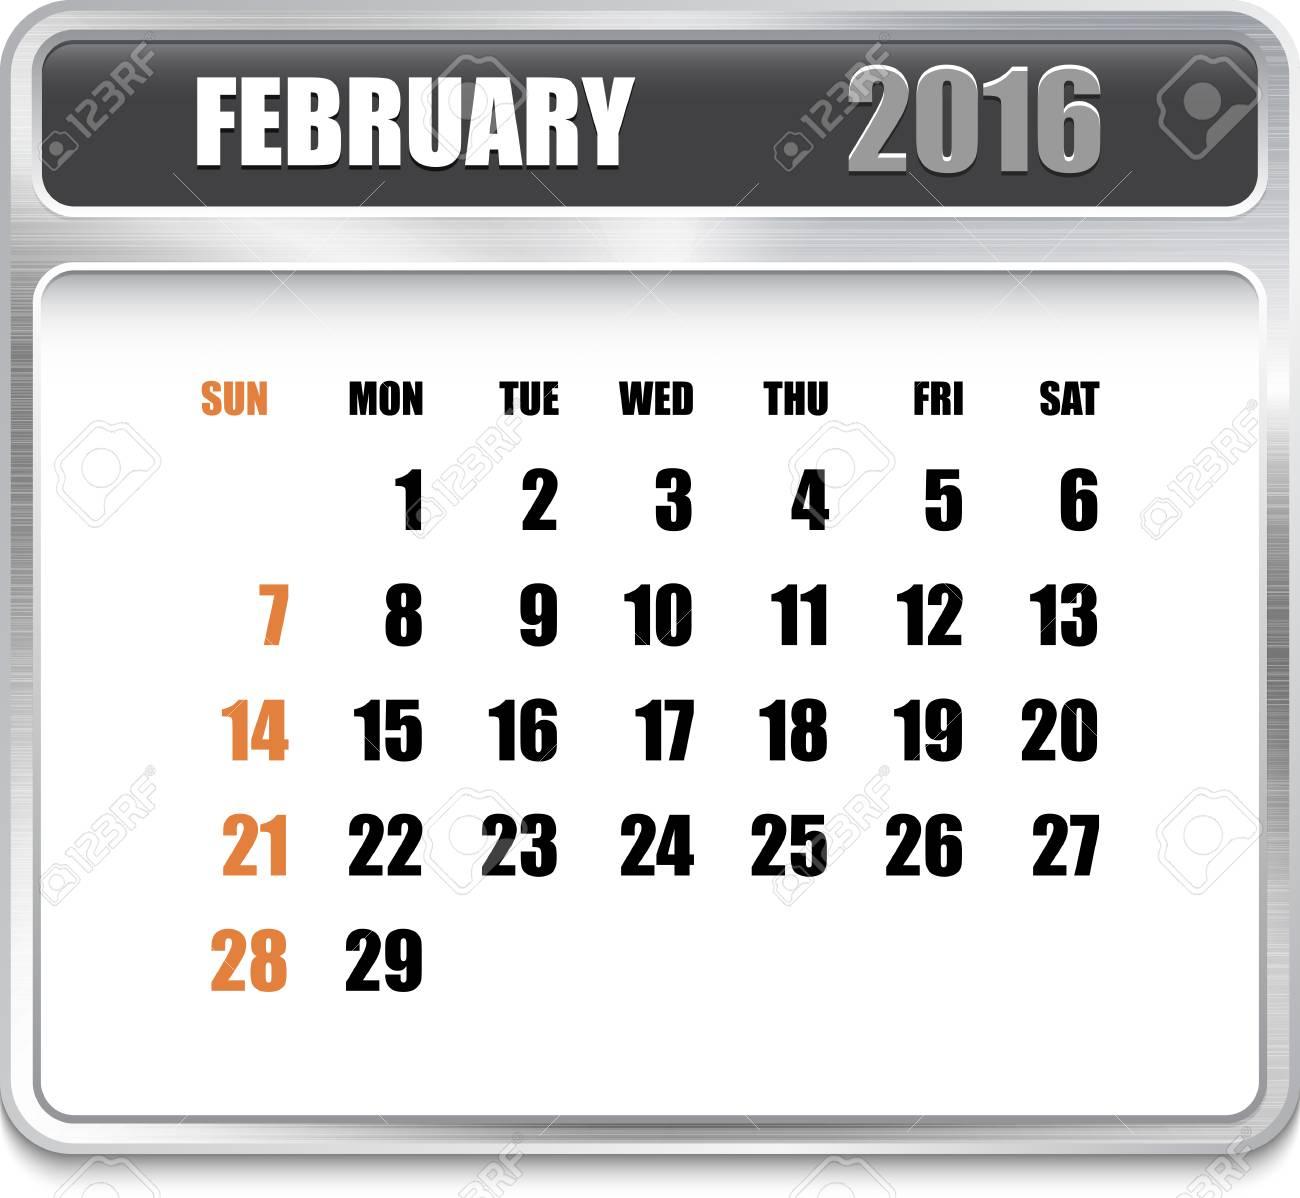 Calendario Per Sito Web.Calendario Mensile Per Febbraio 2016 Su Piastra Metallica Vacanze Arancione Puo Essere Utilizzato Per Calendari Aziendali E Di Ufficio Design Sito